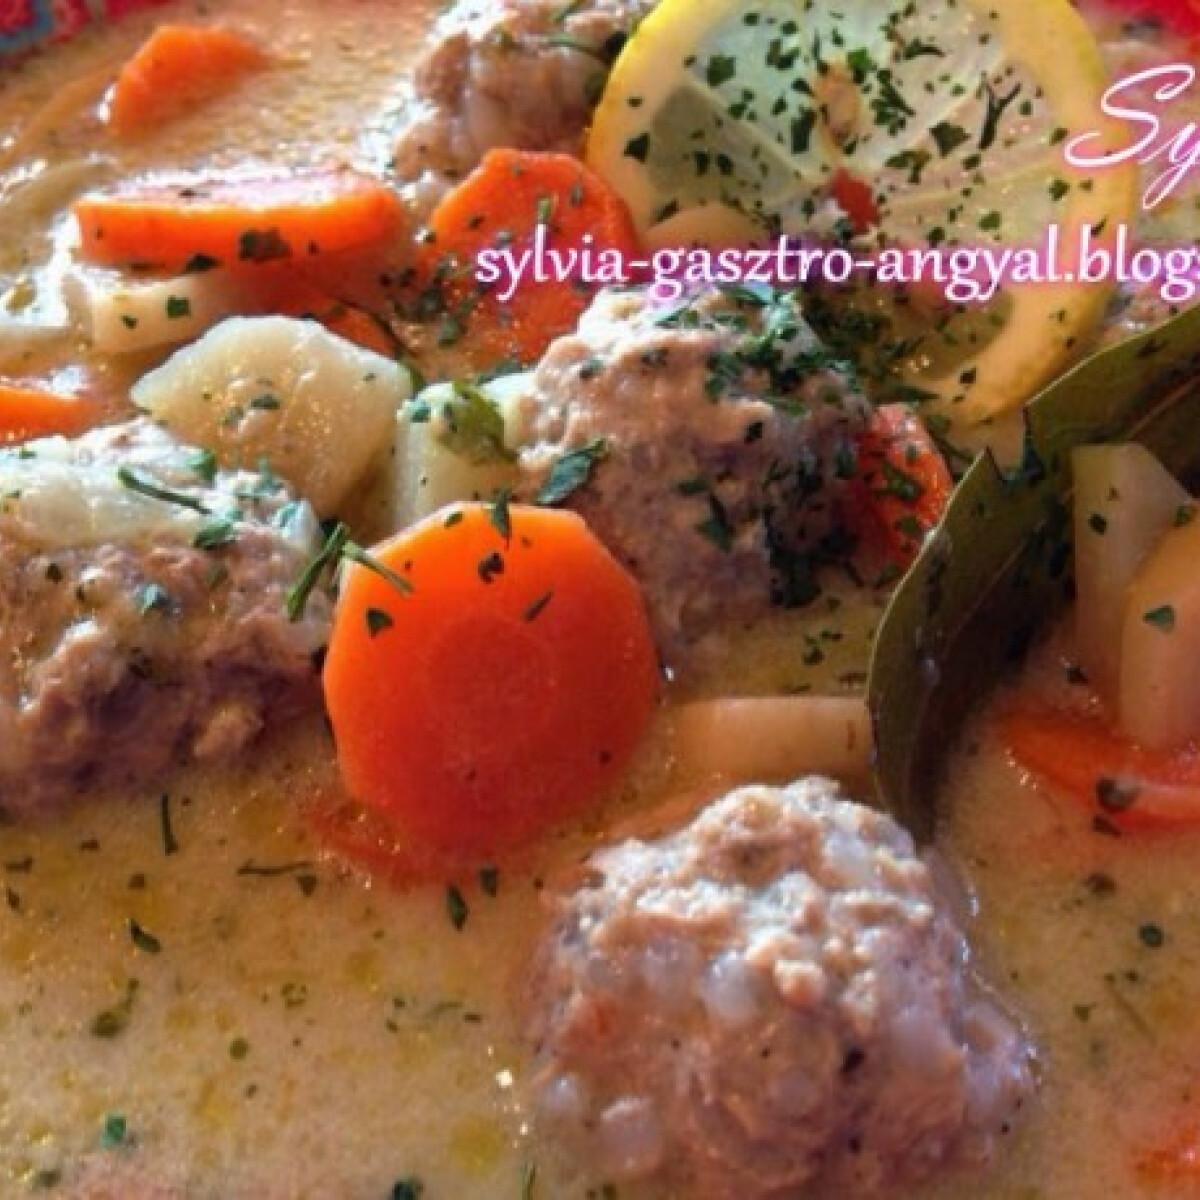 Erdélyi csorba húsgombóccal Sylvia Gasztro Angyal konyhájából